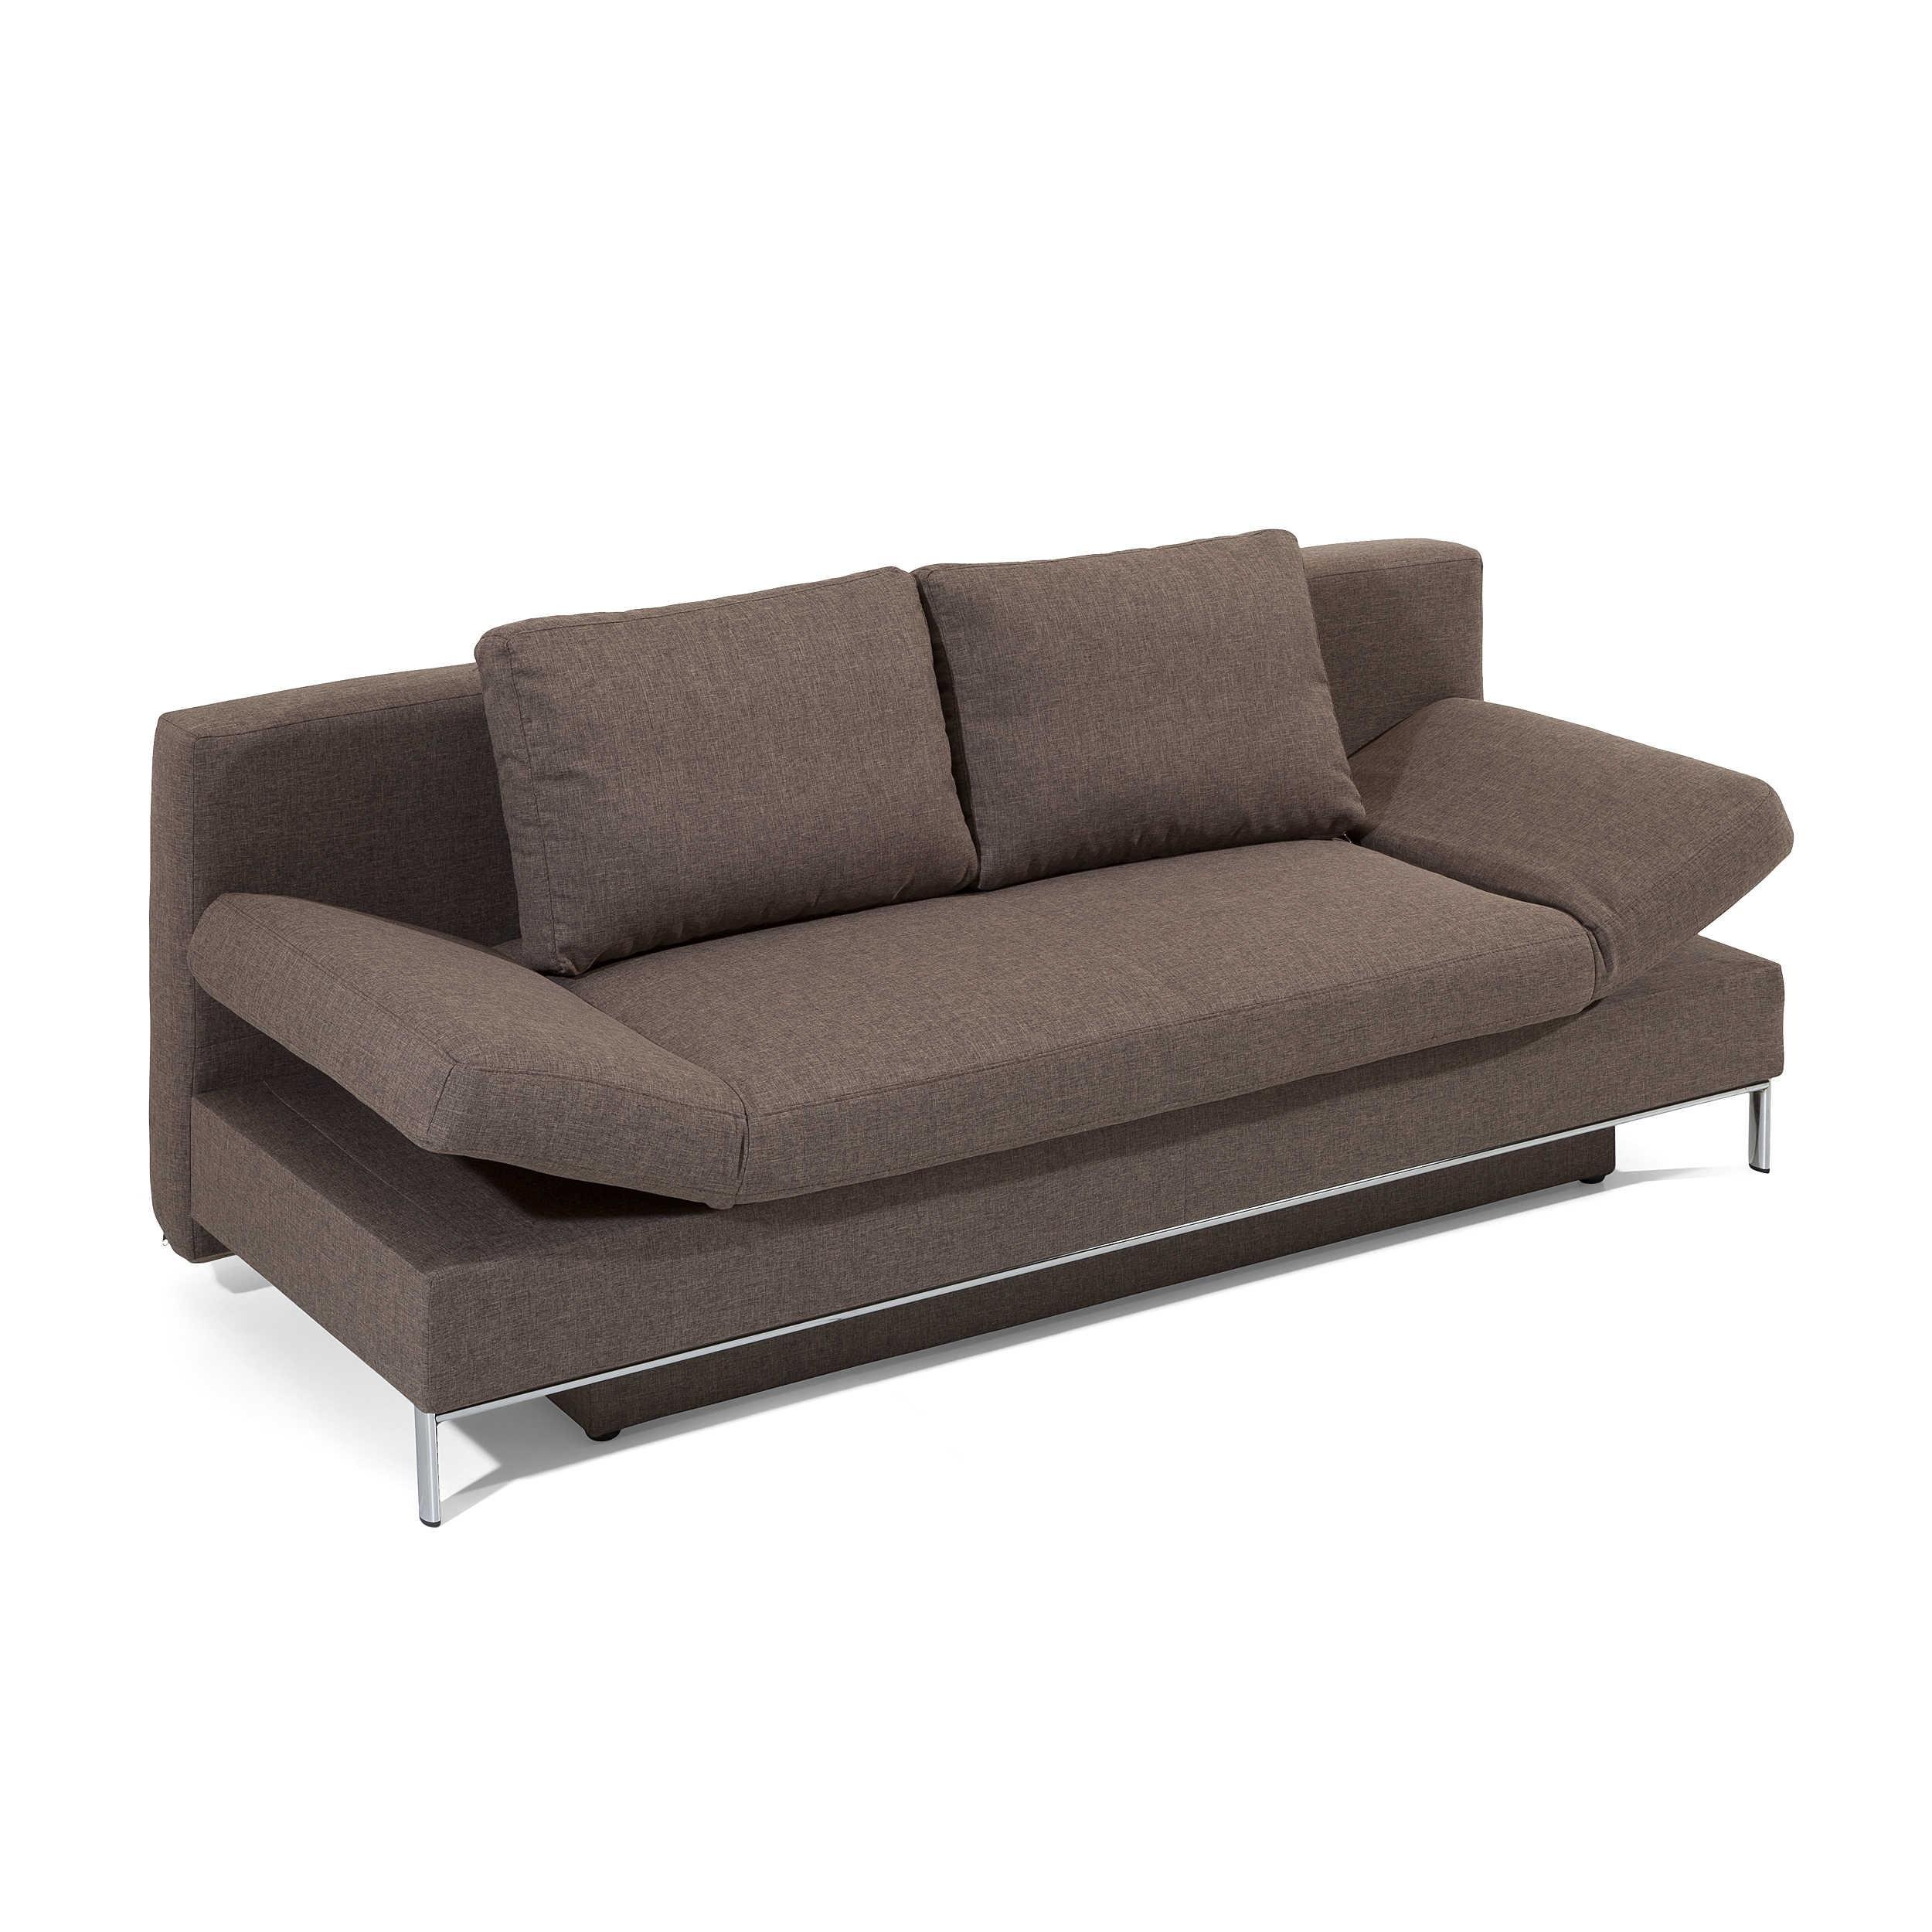 schlafsofa occa braun stoff online kaufen bei. Black Bedroom Furniture Sets. Home Design Ideas